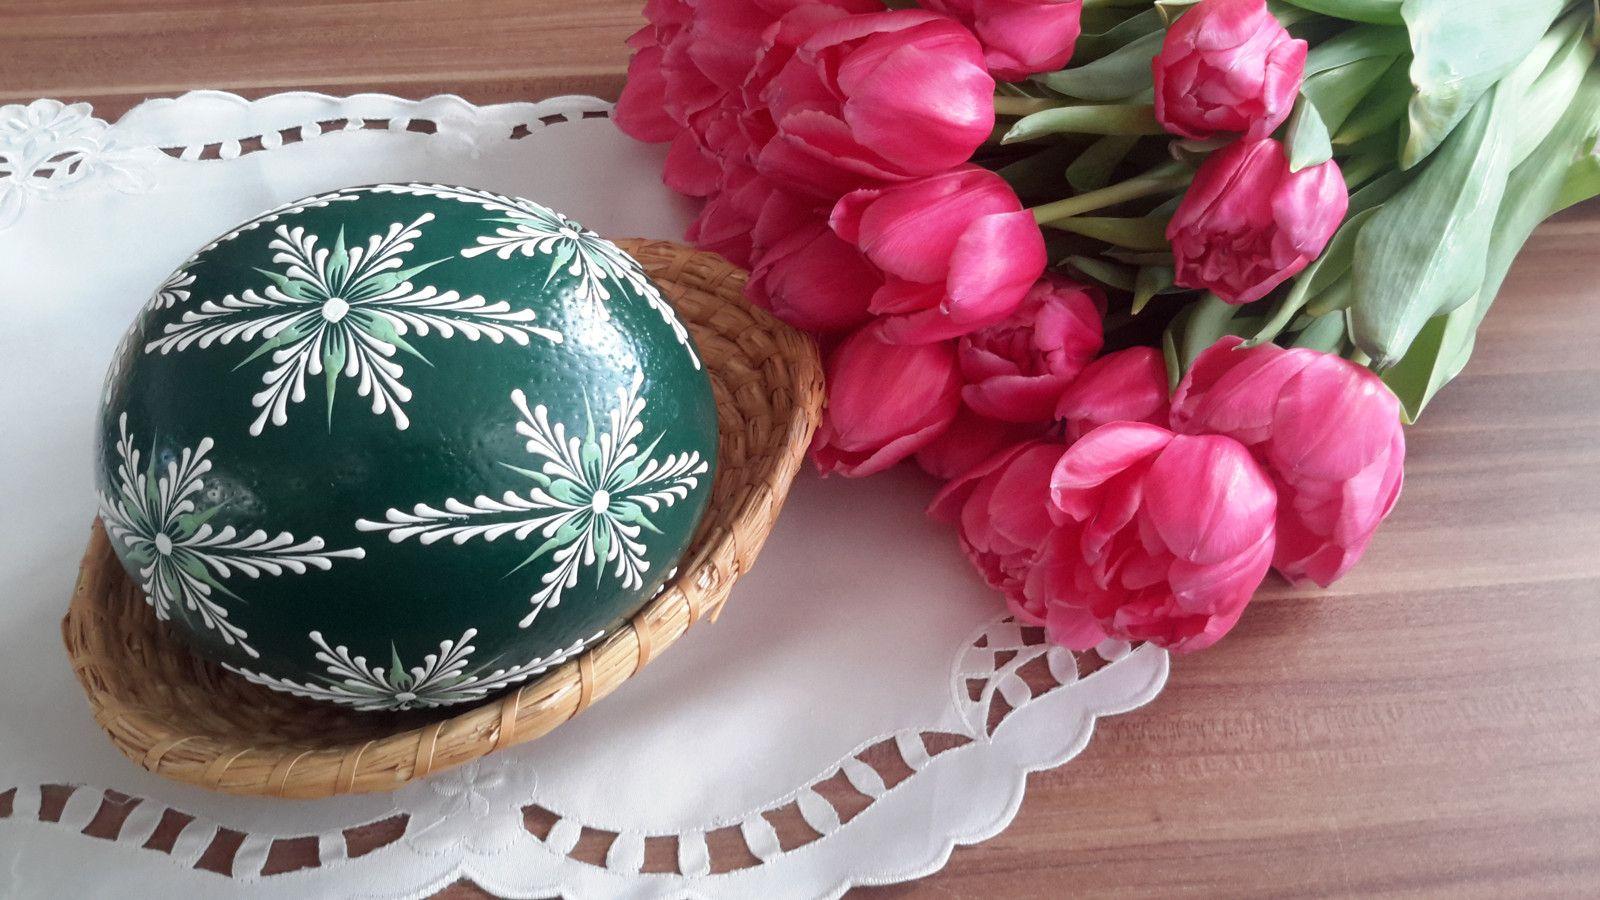 Velikonoční kraslice - zelené pštrosí Pštrosí vejce barvené akrylovou barvou. Je malované zeleným a bílým voskem. Výška pštrosího vejce je cca 15cm.